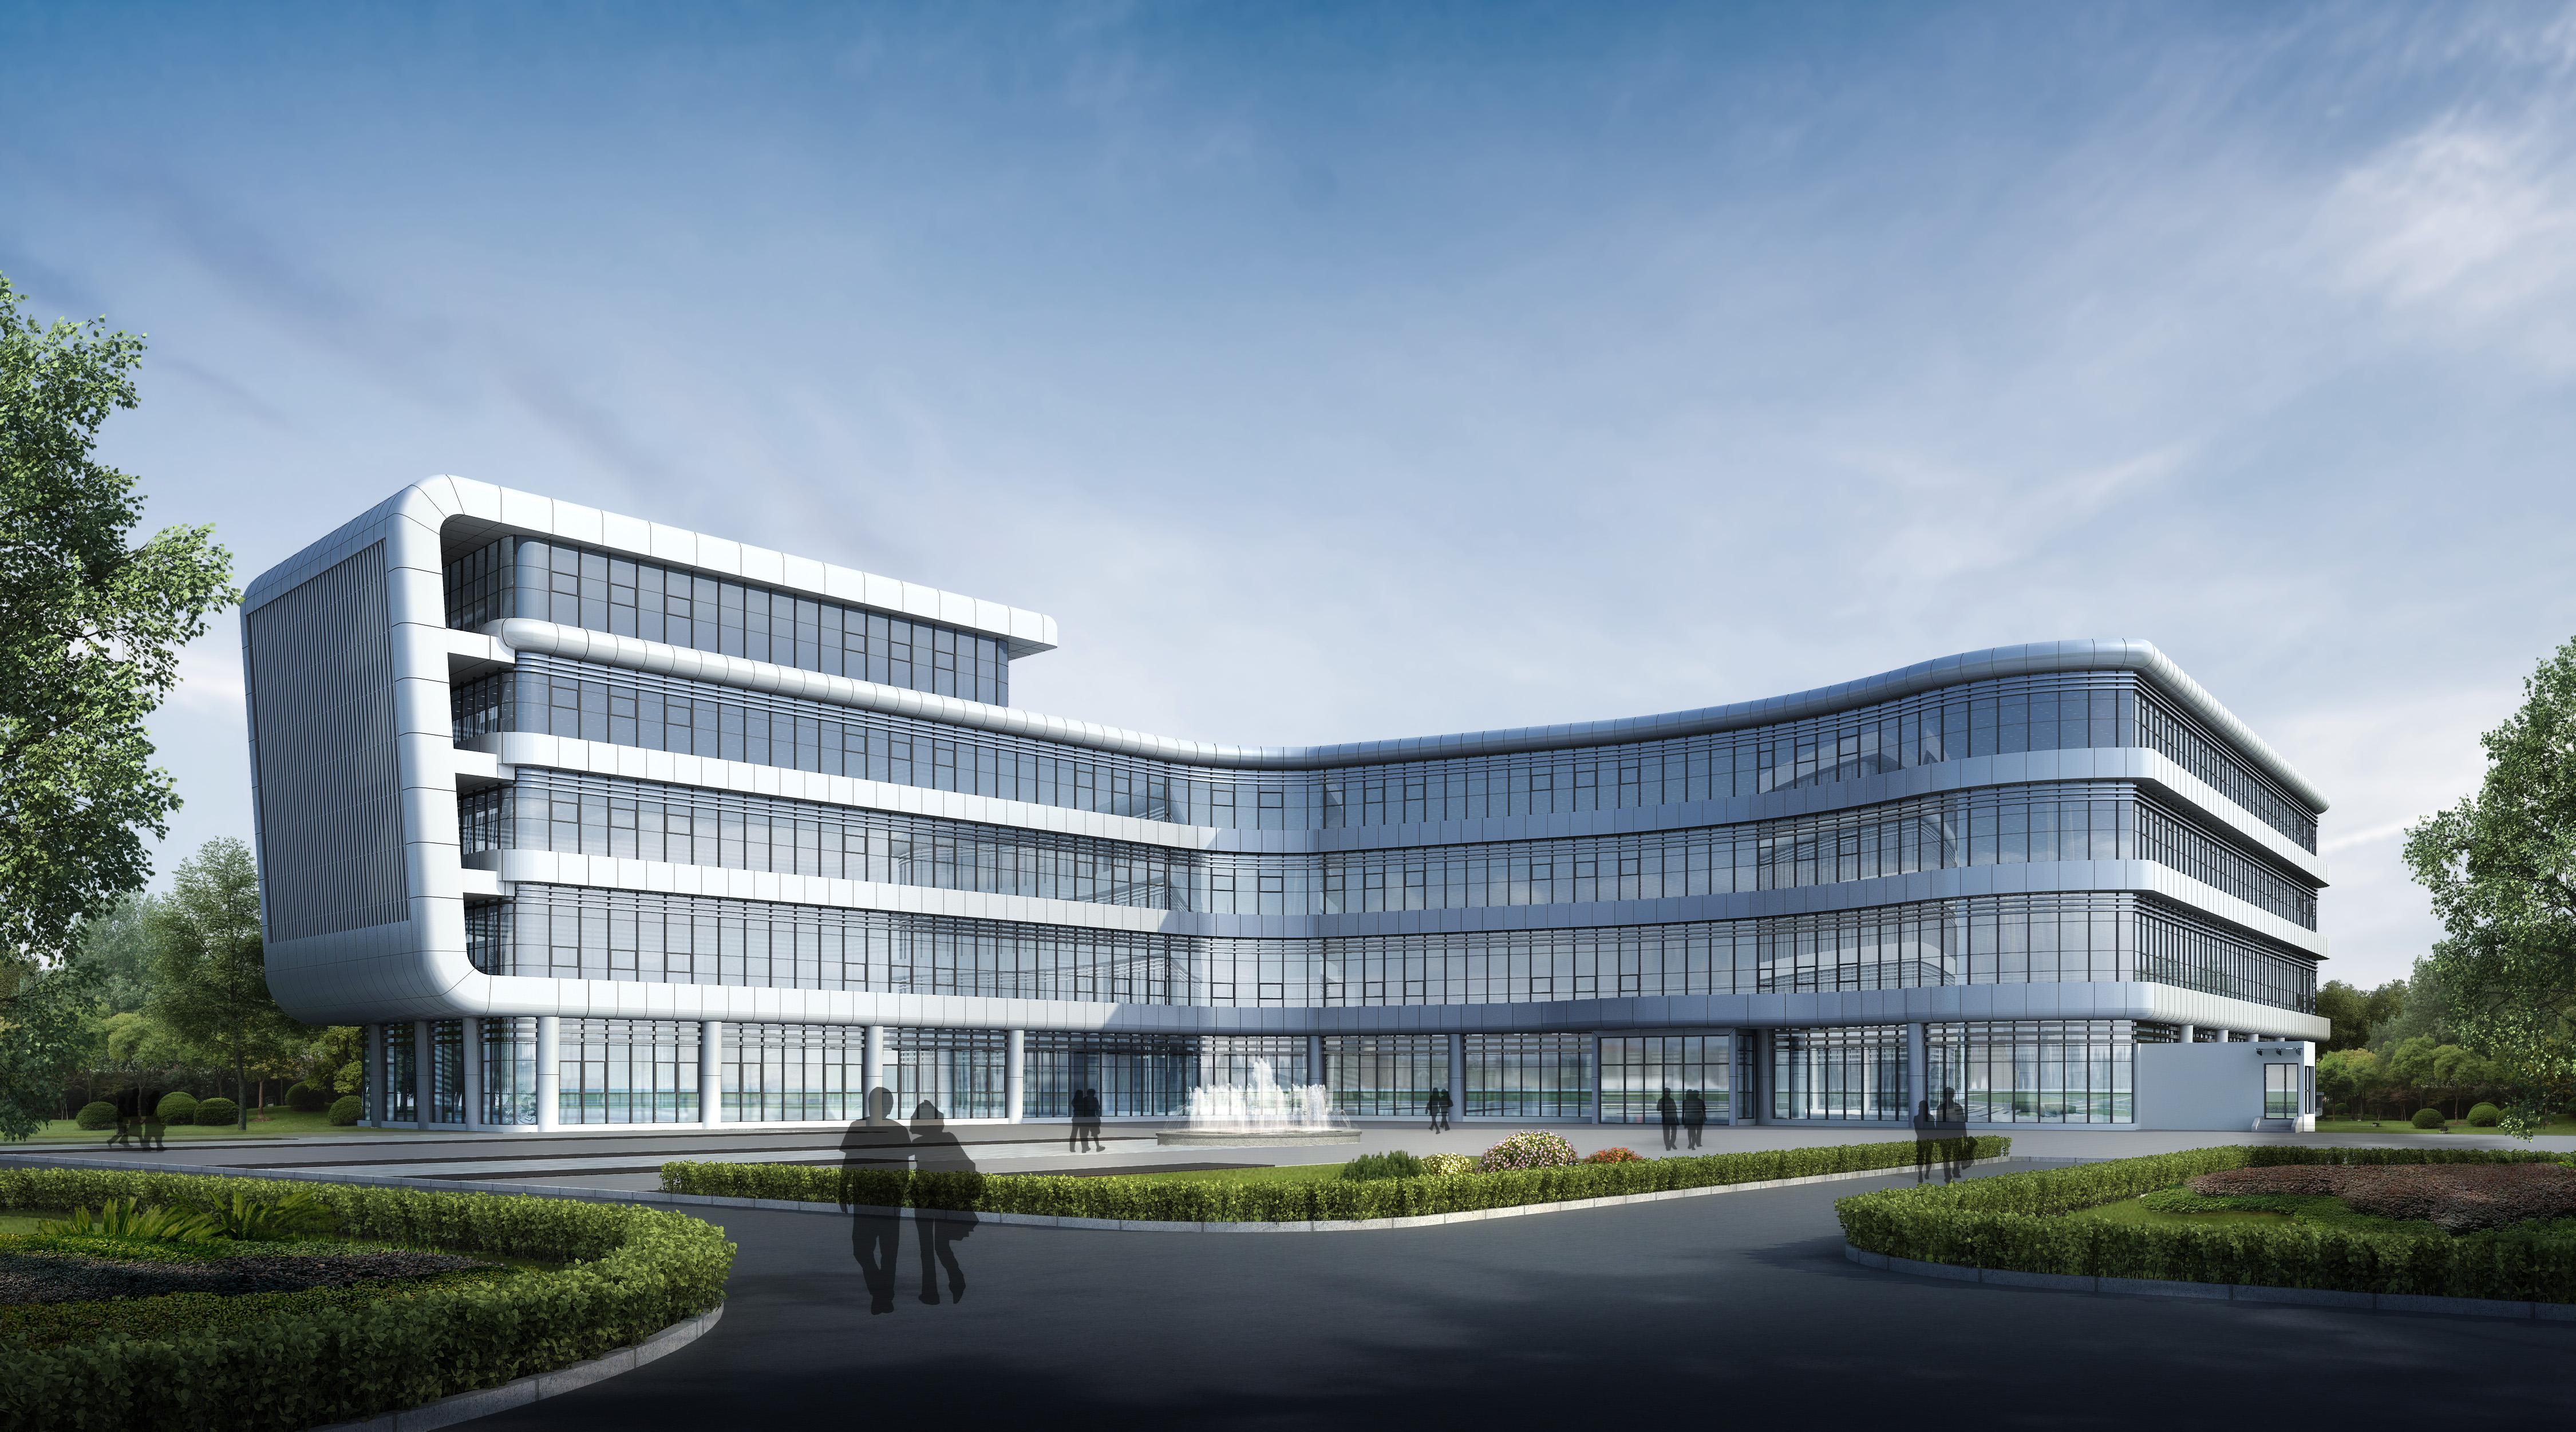 【国家卫健委】一图读懂《综合医院建设标准》